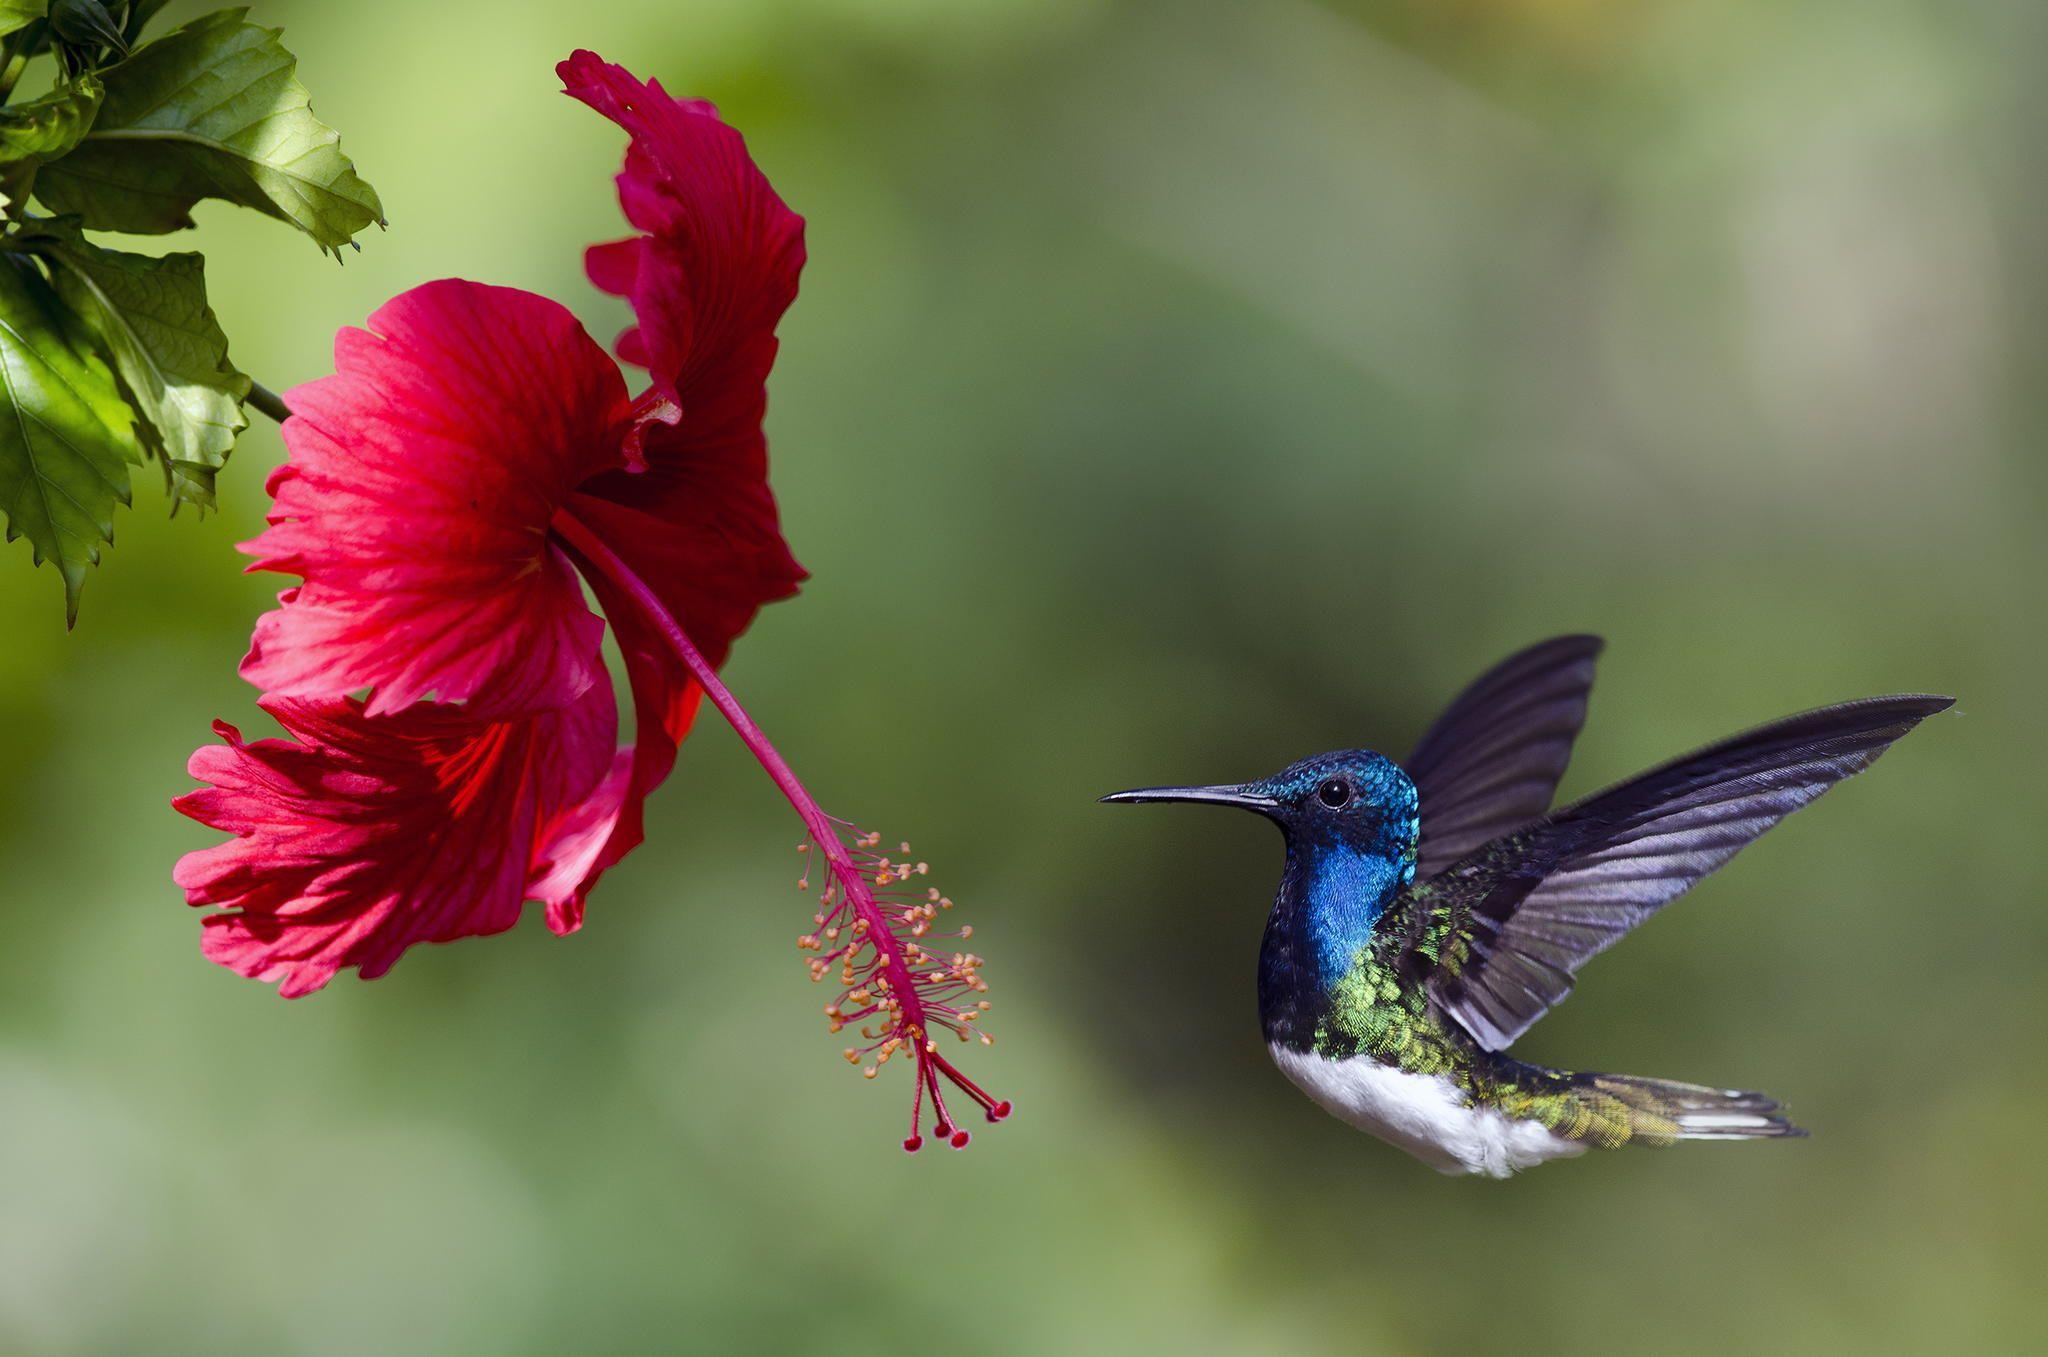 картинки с птичками колибри нравятся